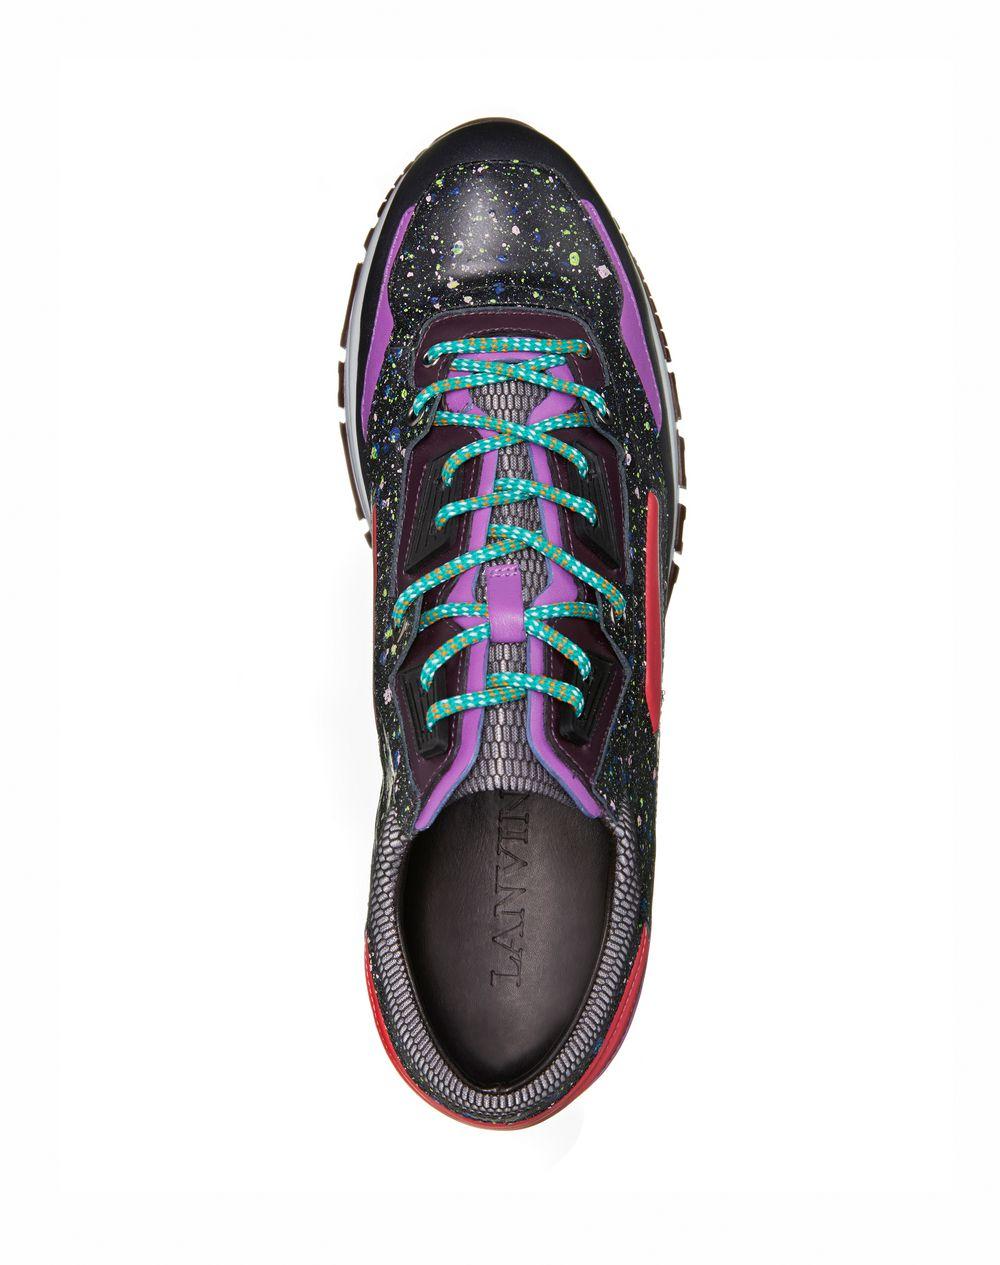 Patchwork runners in fluorescent dappled calfskin and metallic calfskin - Lanvin